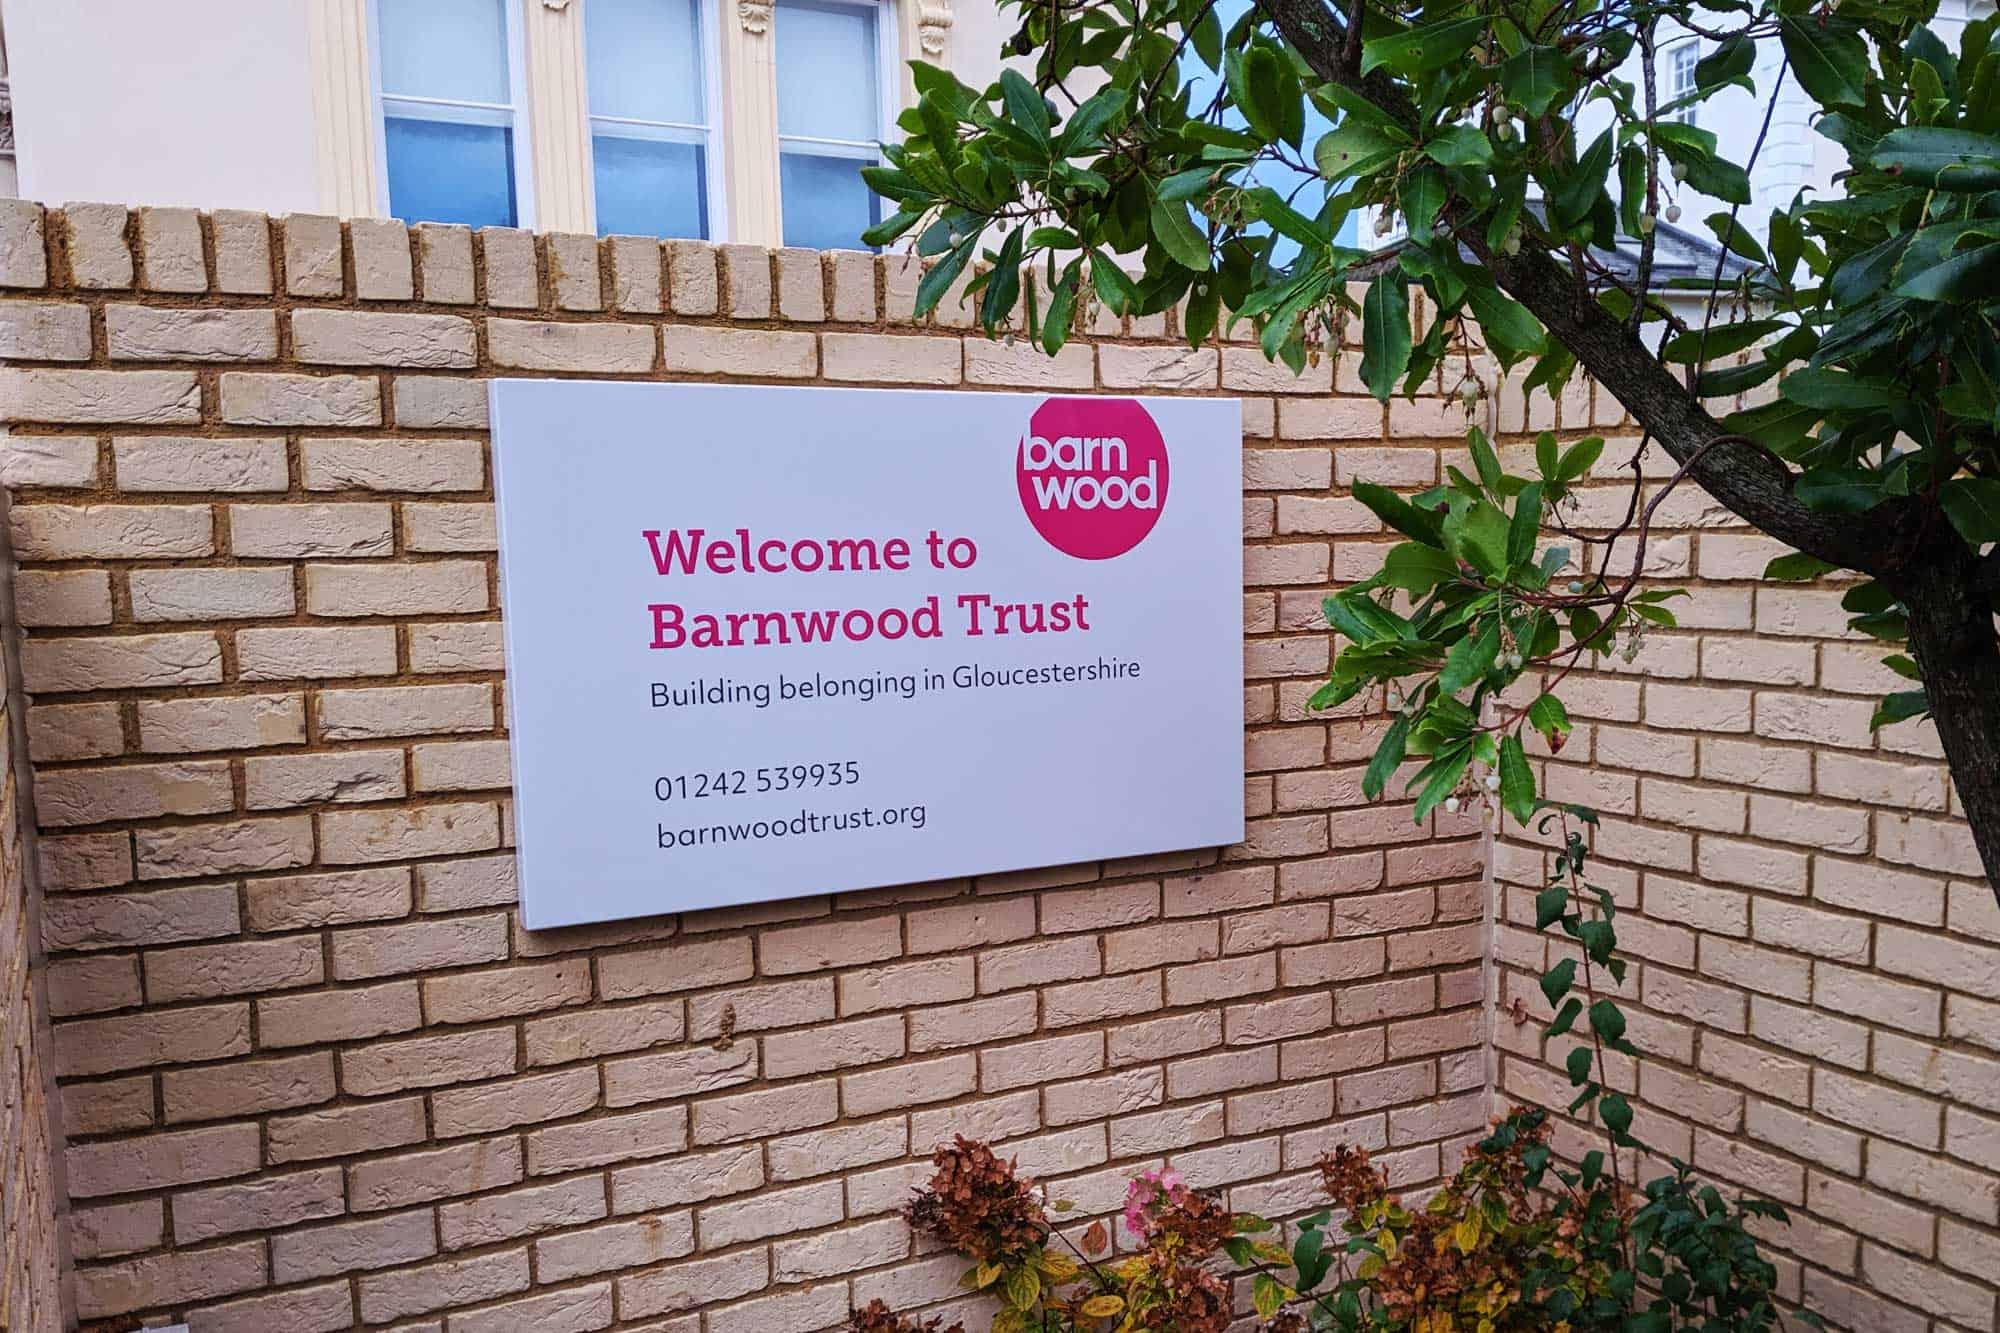 Barnwood Trust Signage aluminium signtray